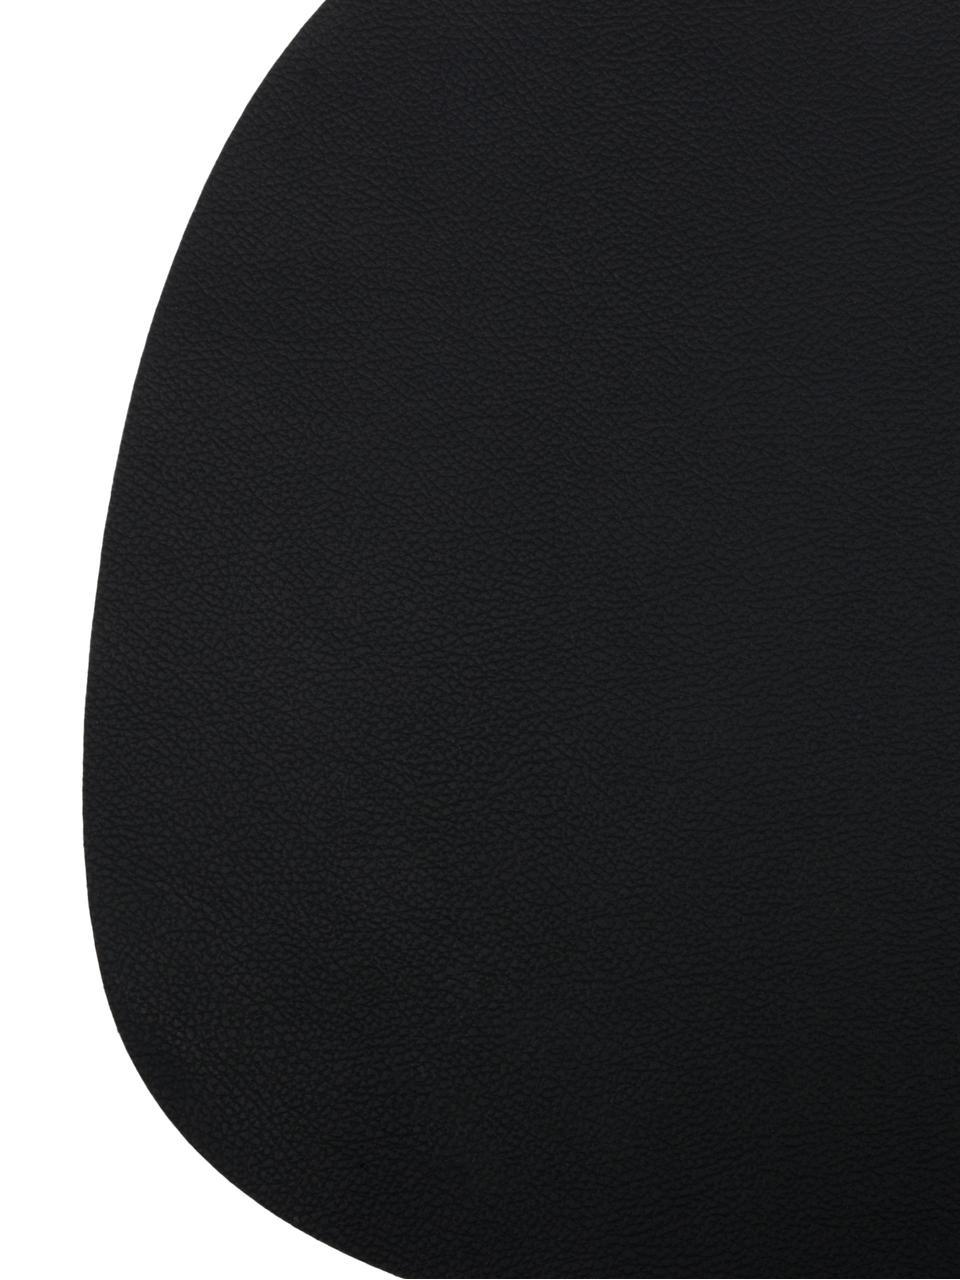 set de table ovale en cuir leni 2 pieces